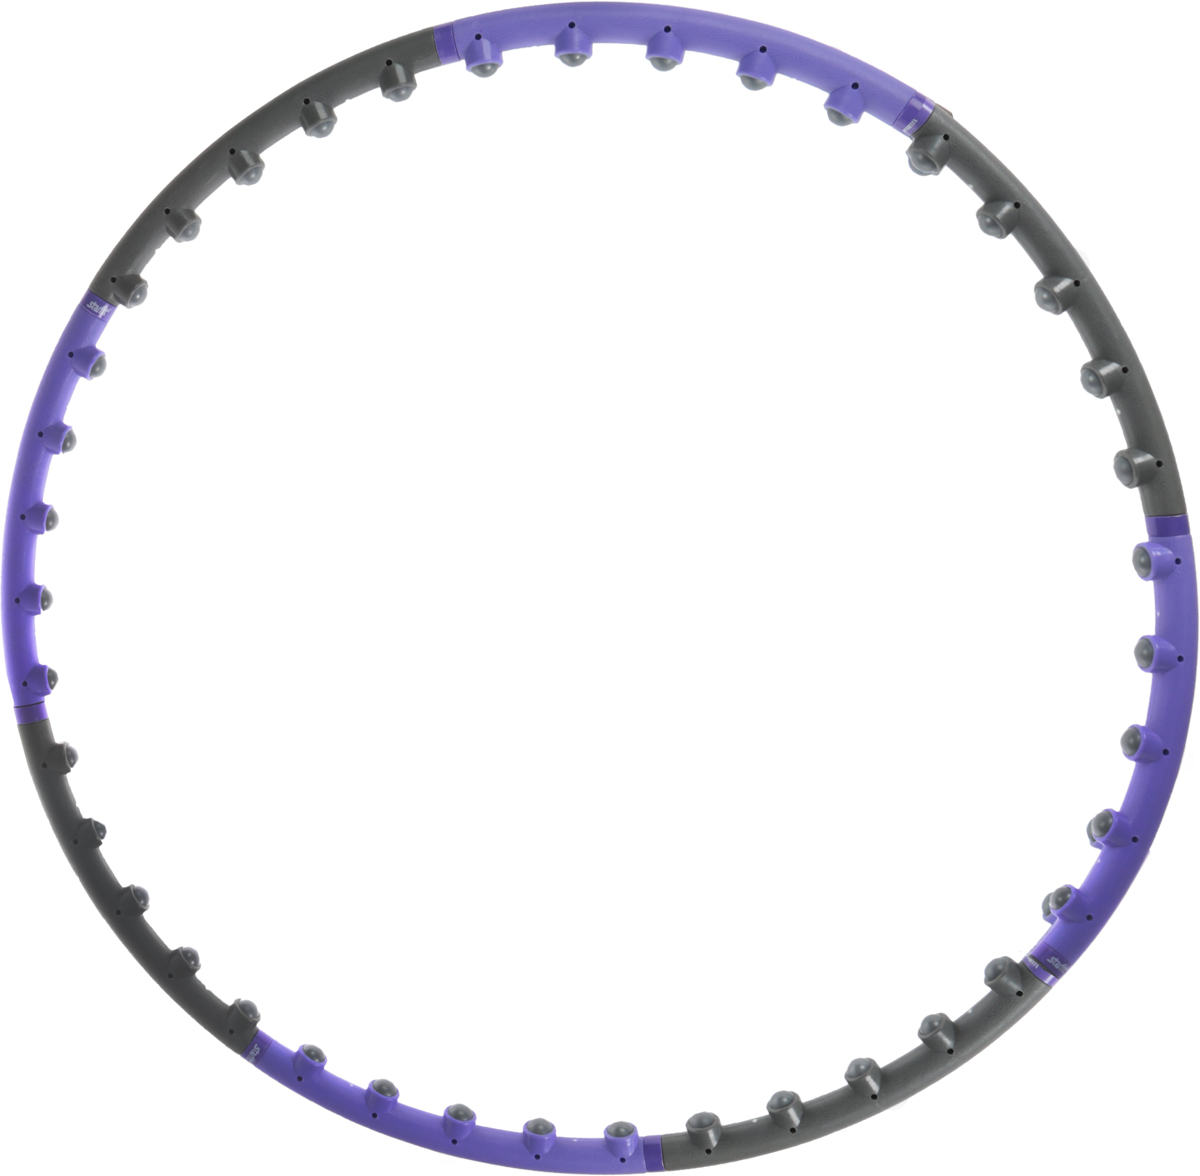 Обруч массажный  Starfit , разборный, цвет: фиолетовый, серый, диаметр 98 см - Инвентарь